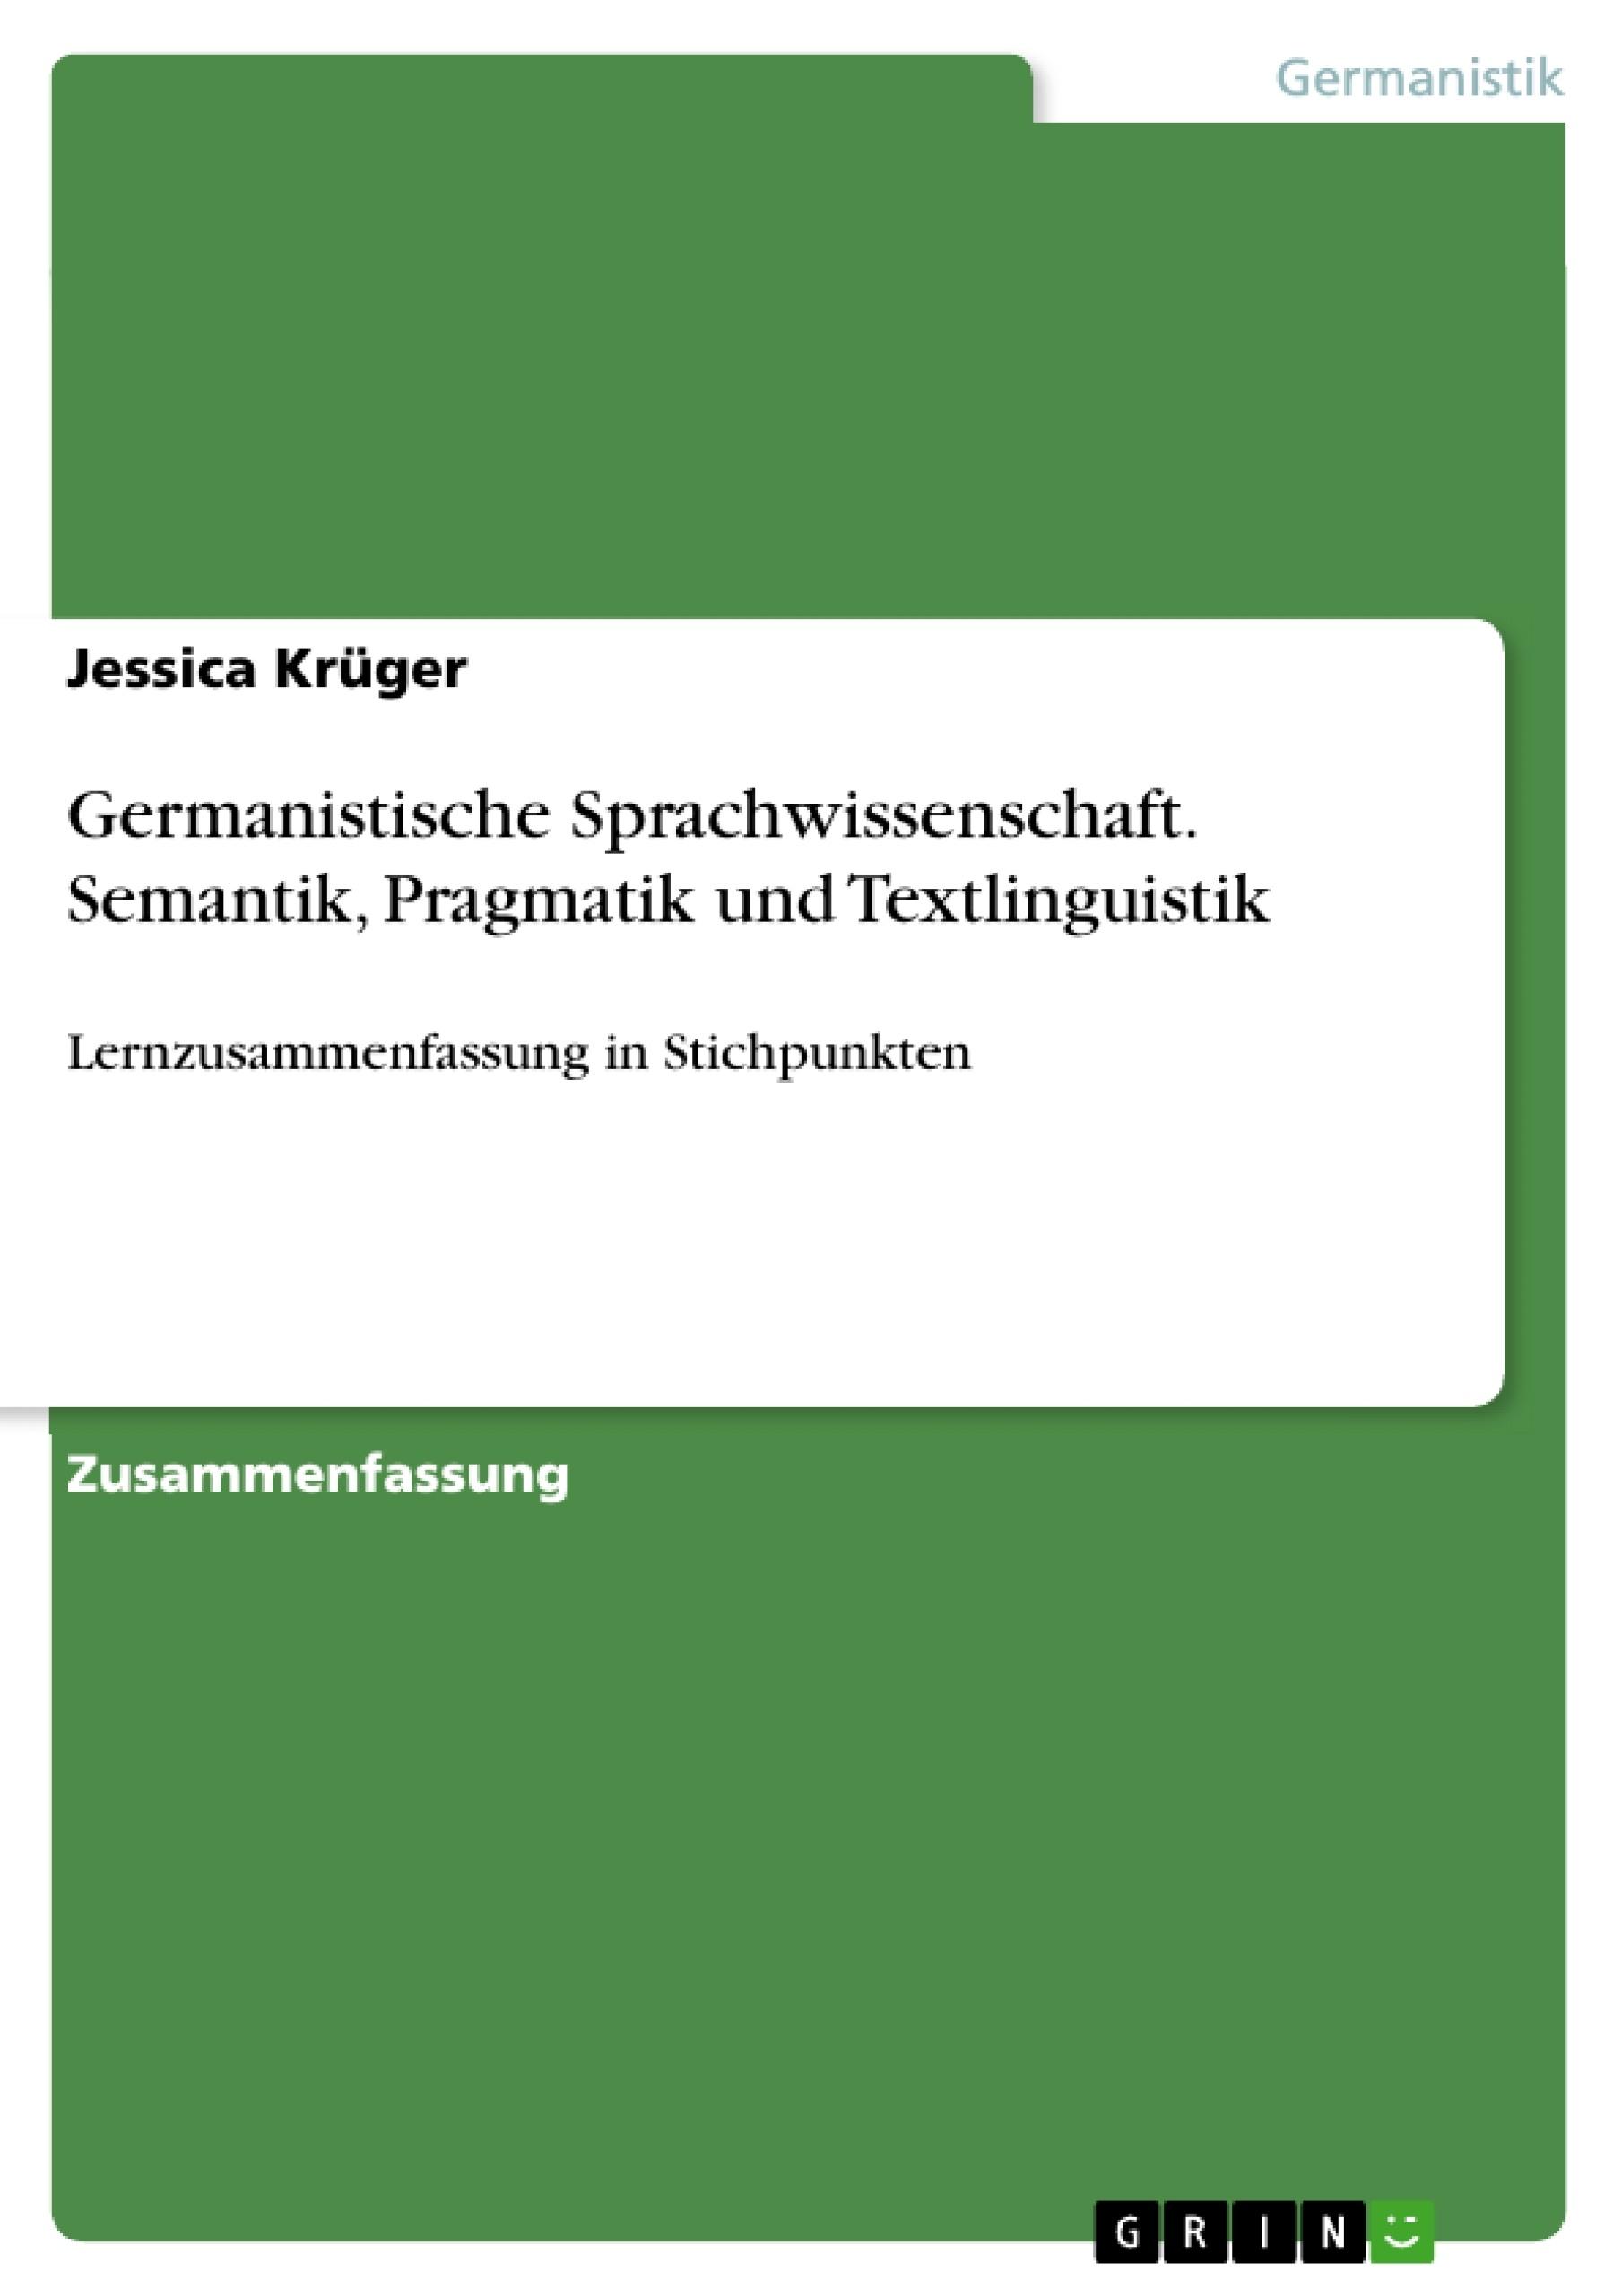 Titel: Germanistische Sprachwissenschaft. Semantik, Pragmatik und Textlinguistik